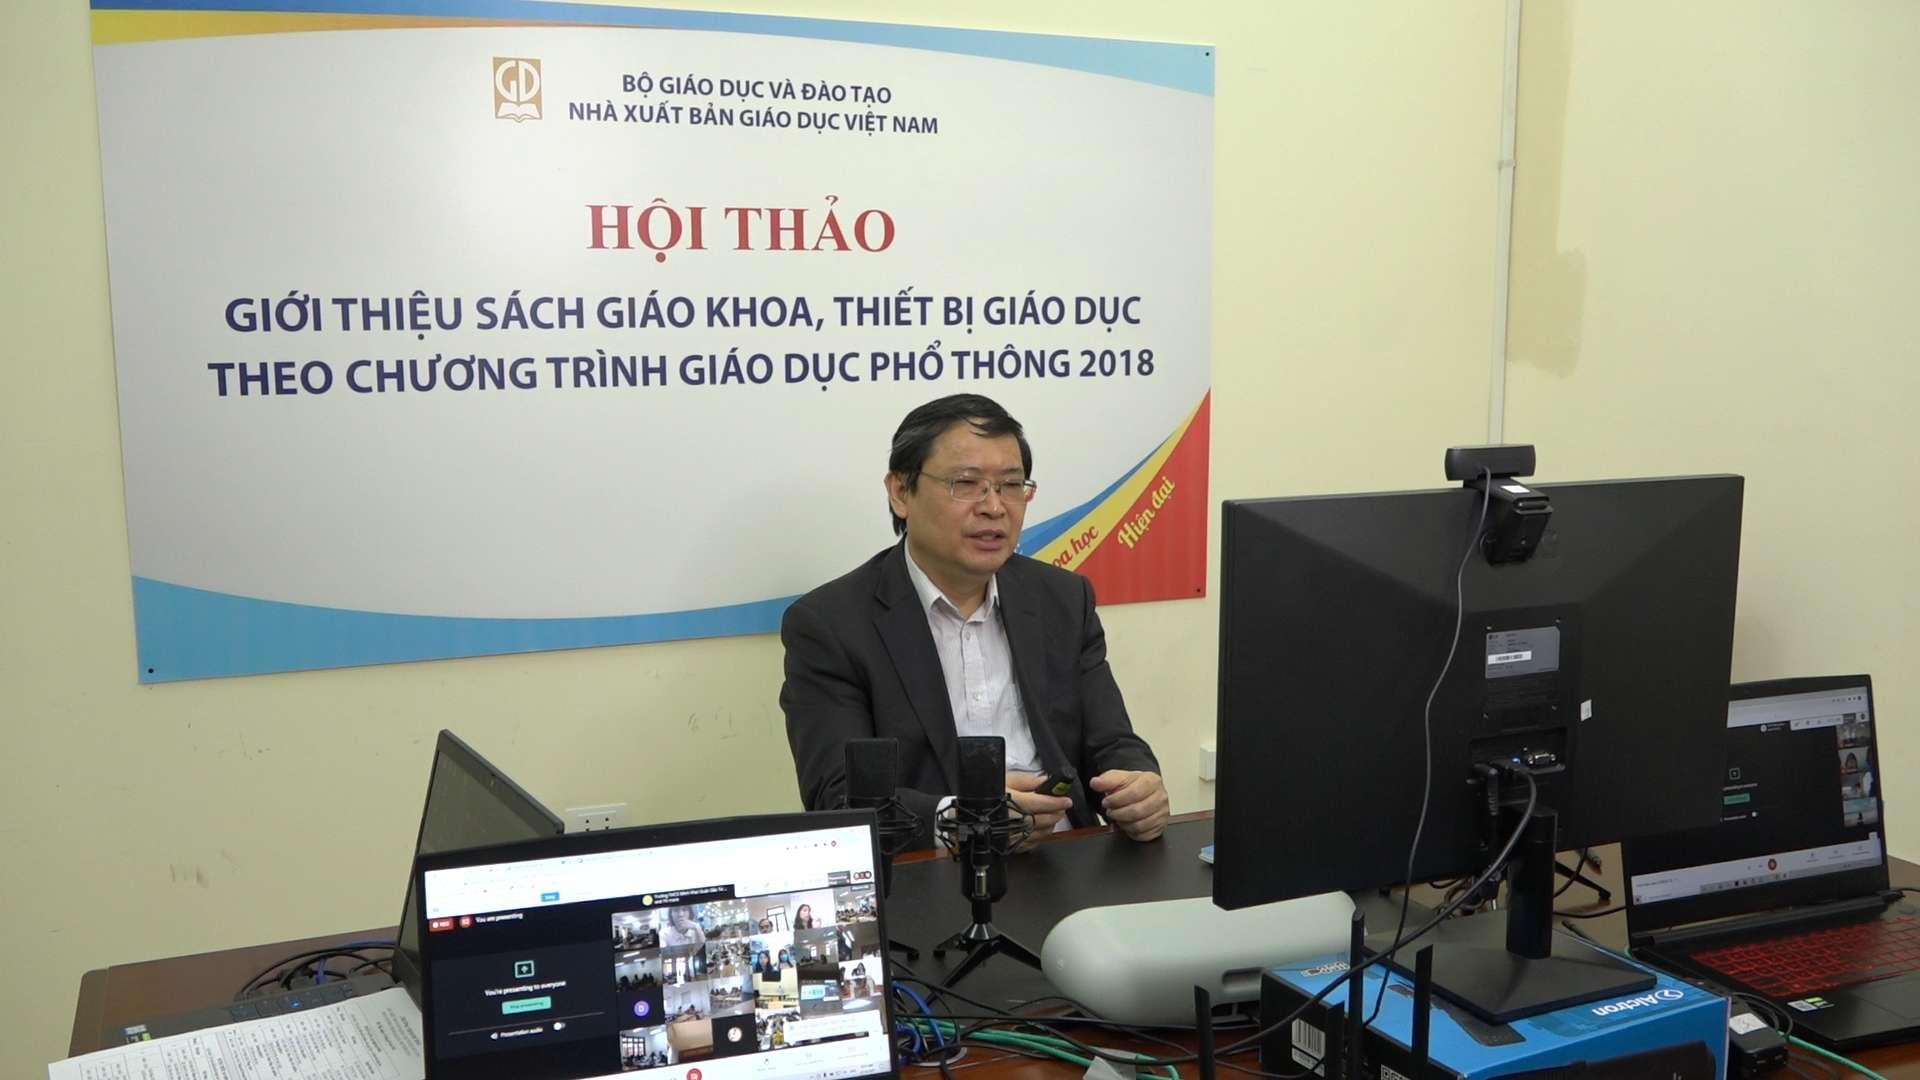 Hoàn thành công tác giới thiệu SGK Lớp 2, Lớp 6 theo chương trình GDPT 2018